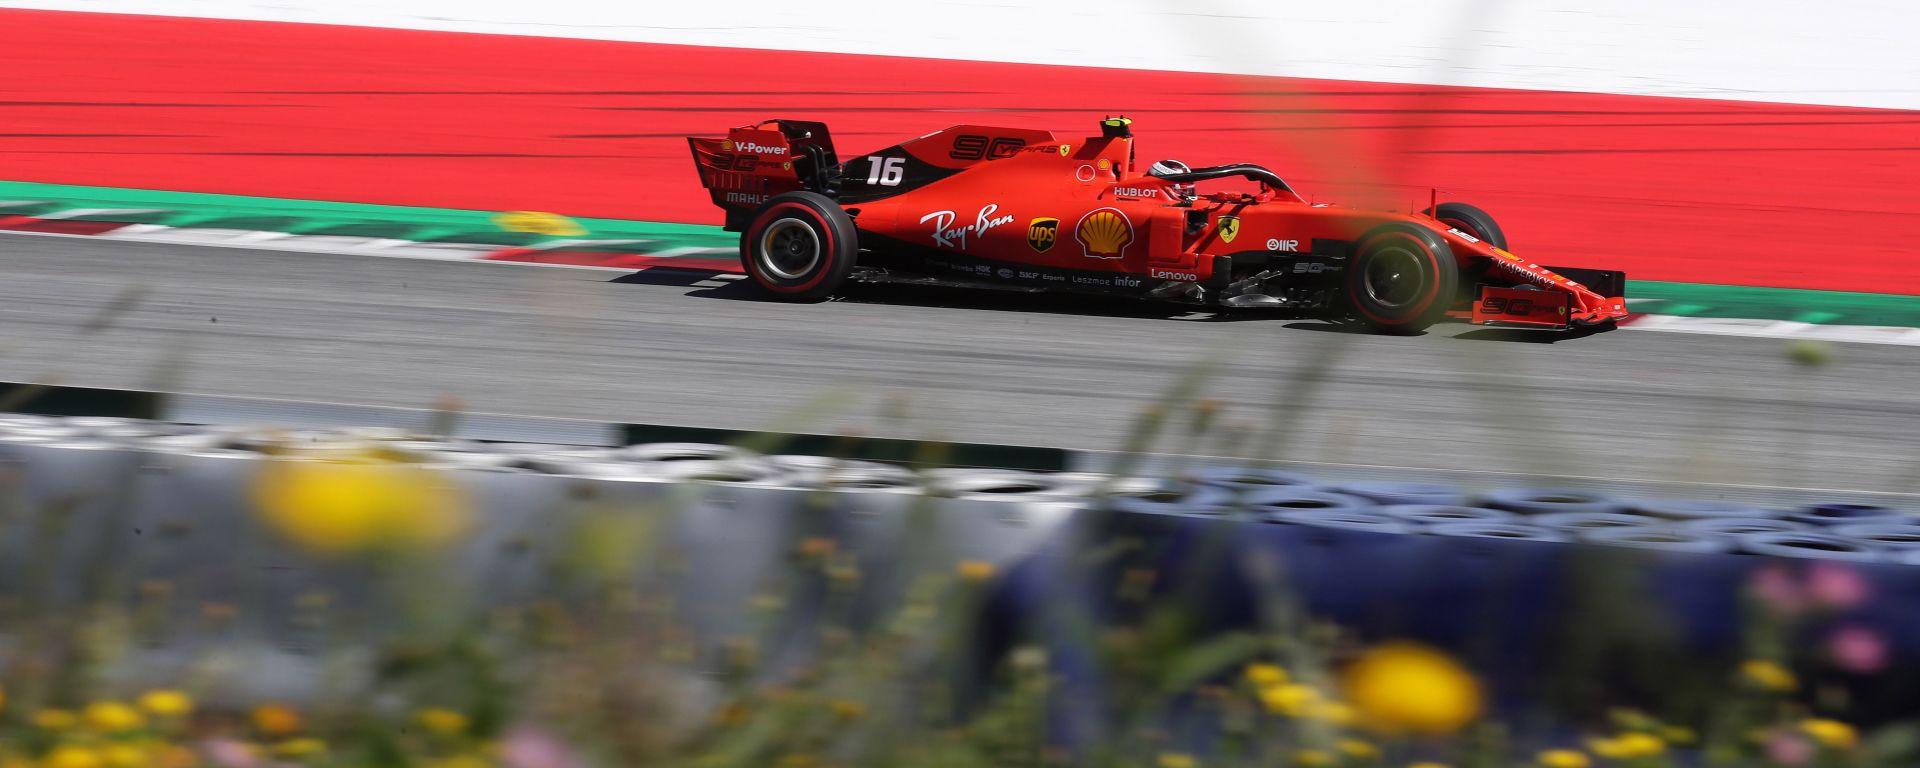 F1 GP Austria 2019 – PL3 Leclerc si mette dietro le Mercedes